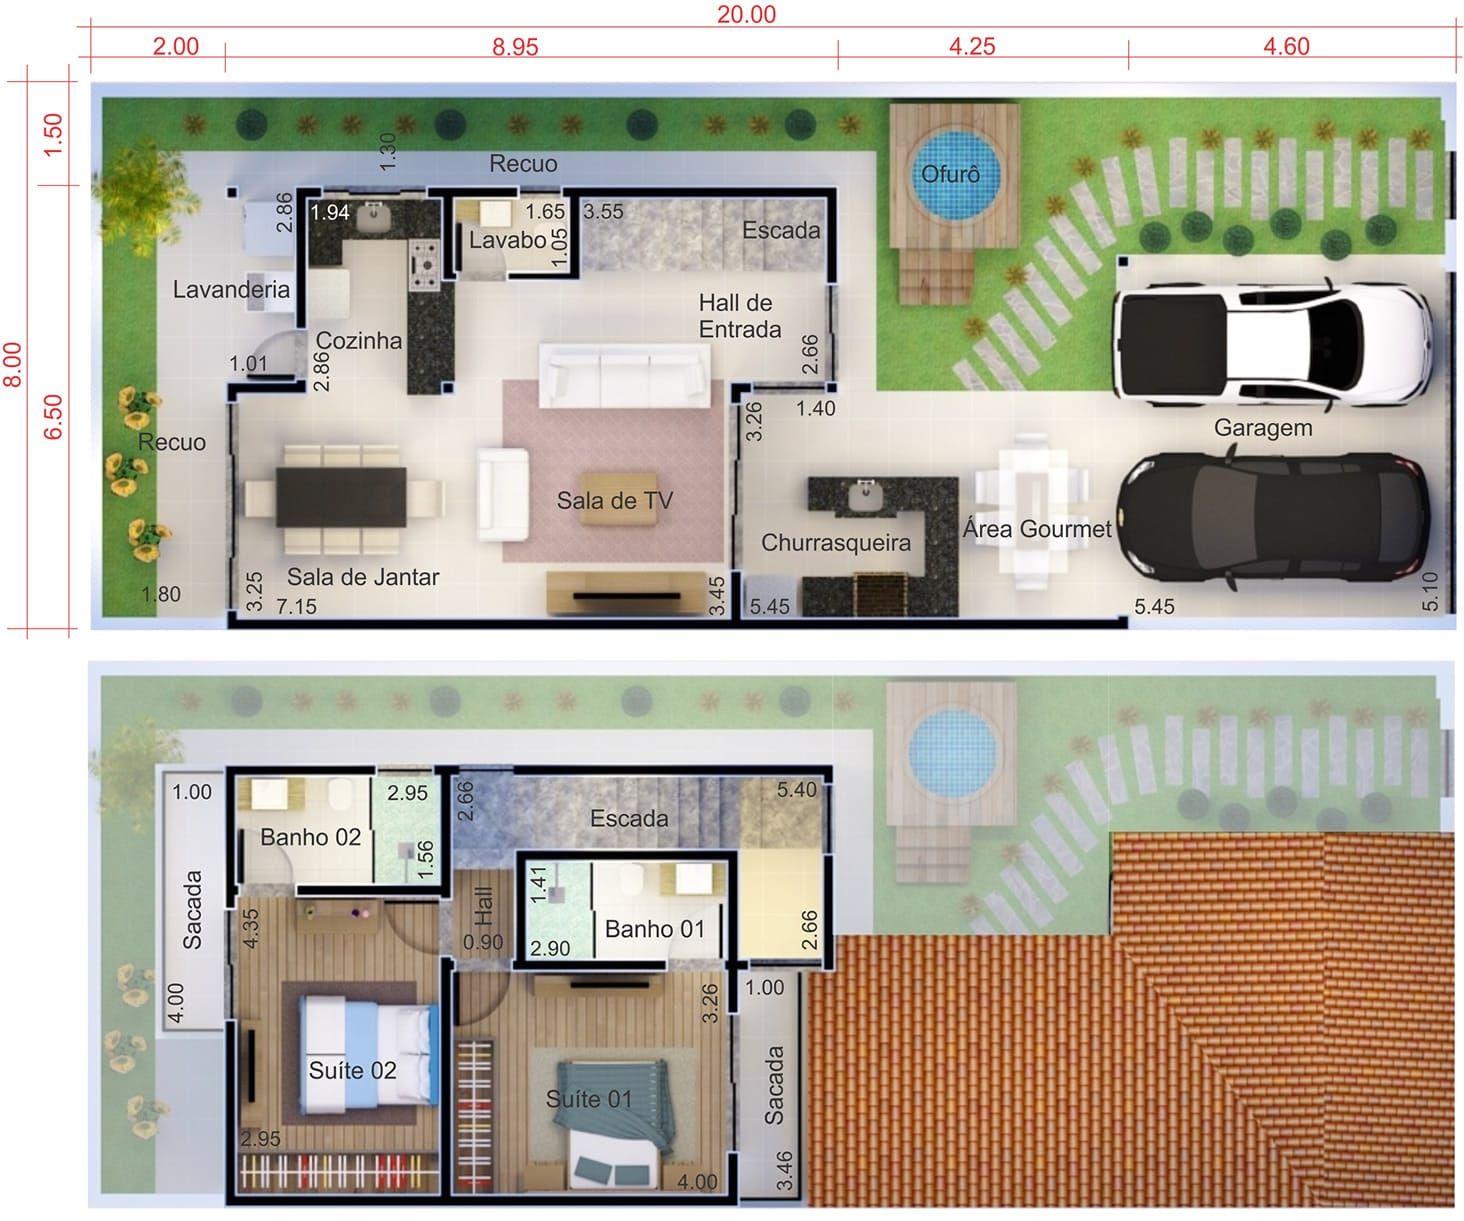 Plano de casa barato plano para terreno 8x20 planos - Adsl para casa barato ...